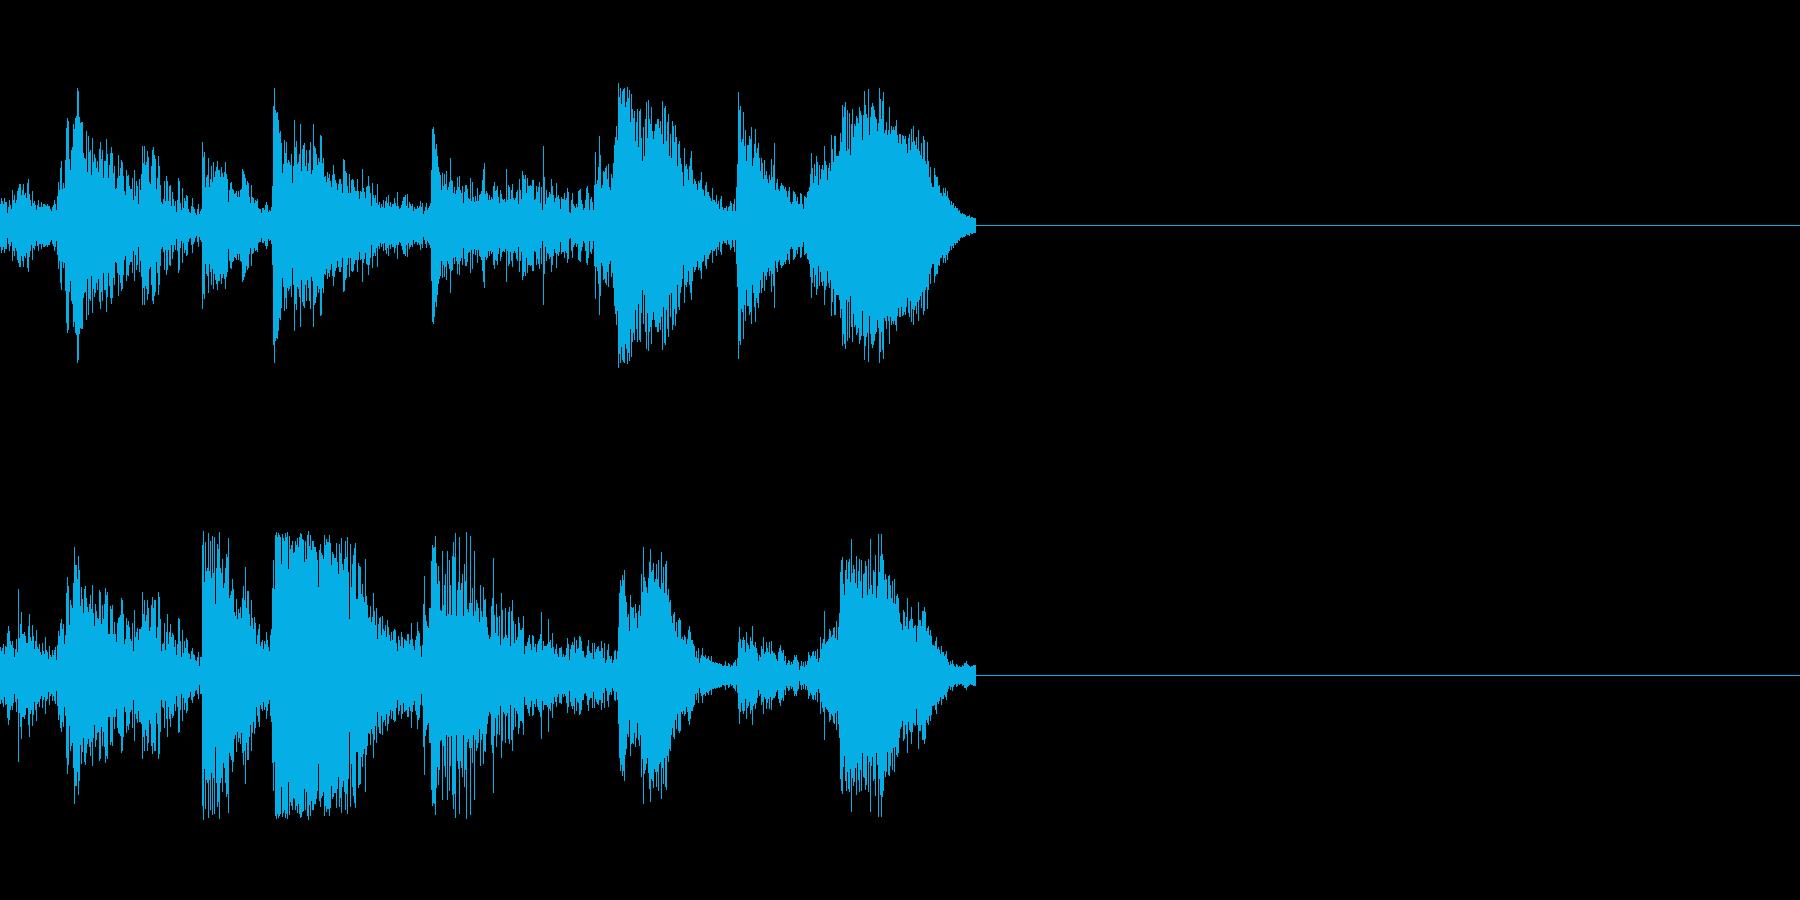 刀の攻防 2の再生済みの波形